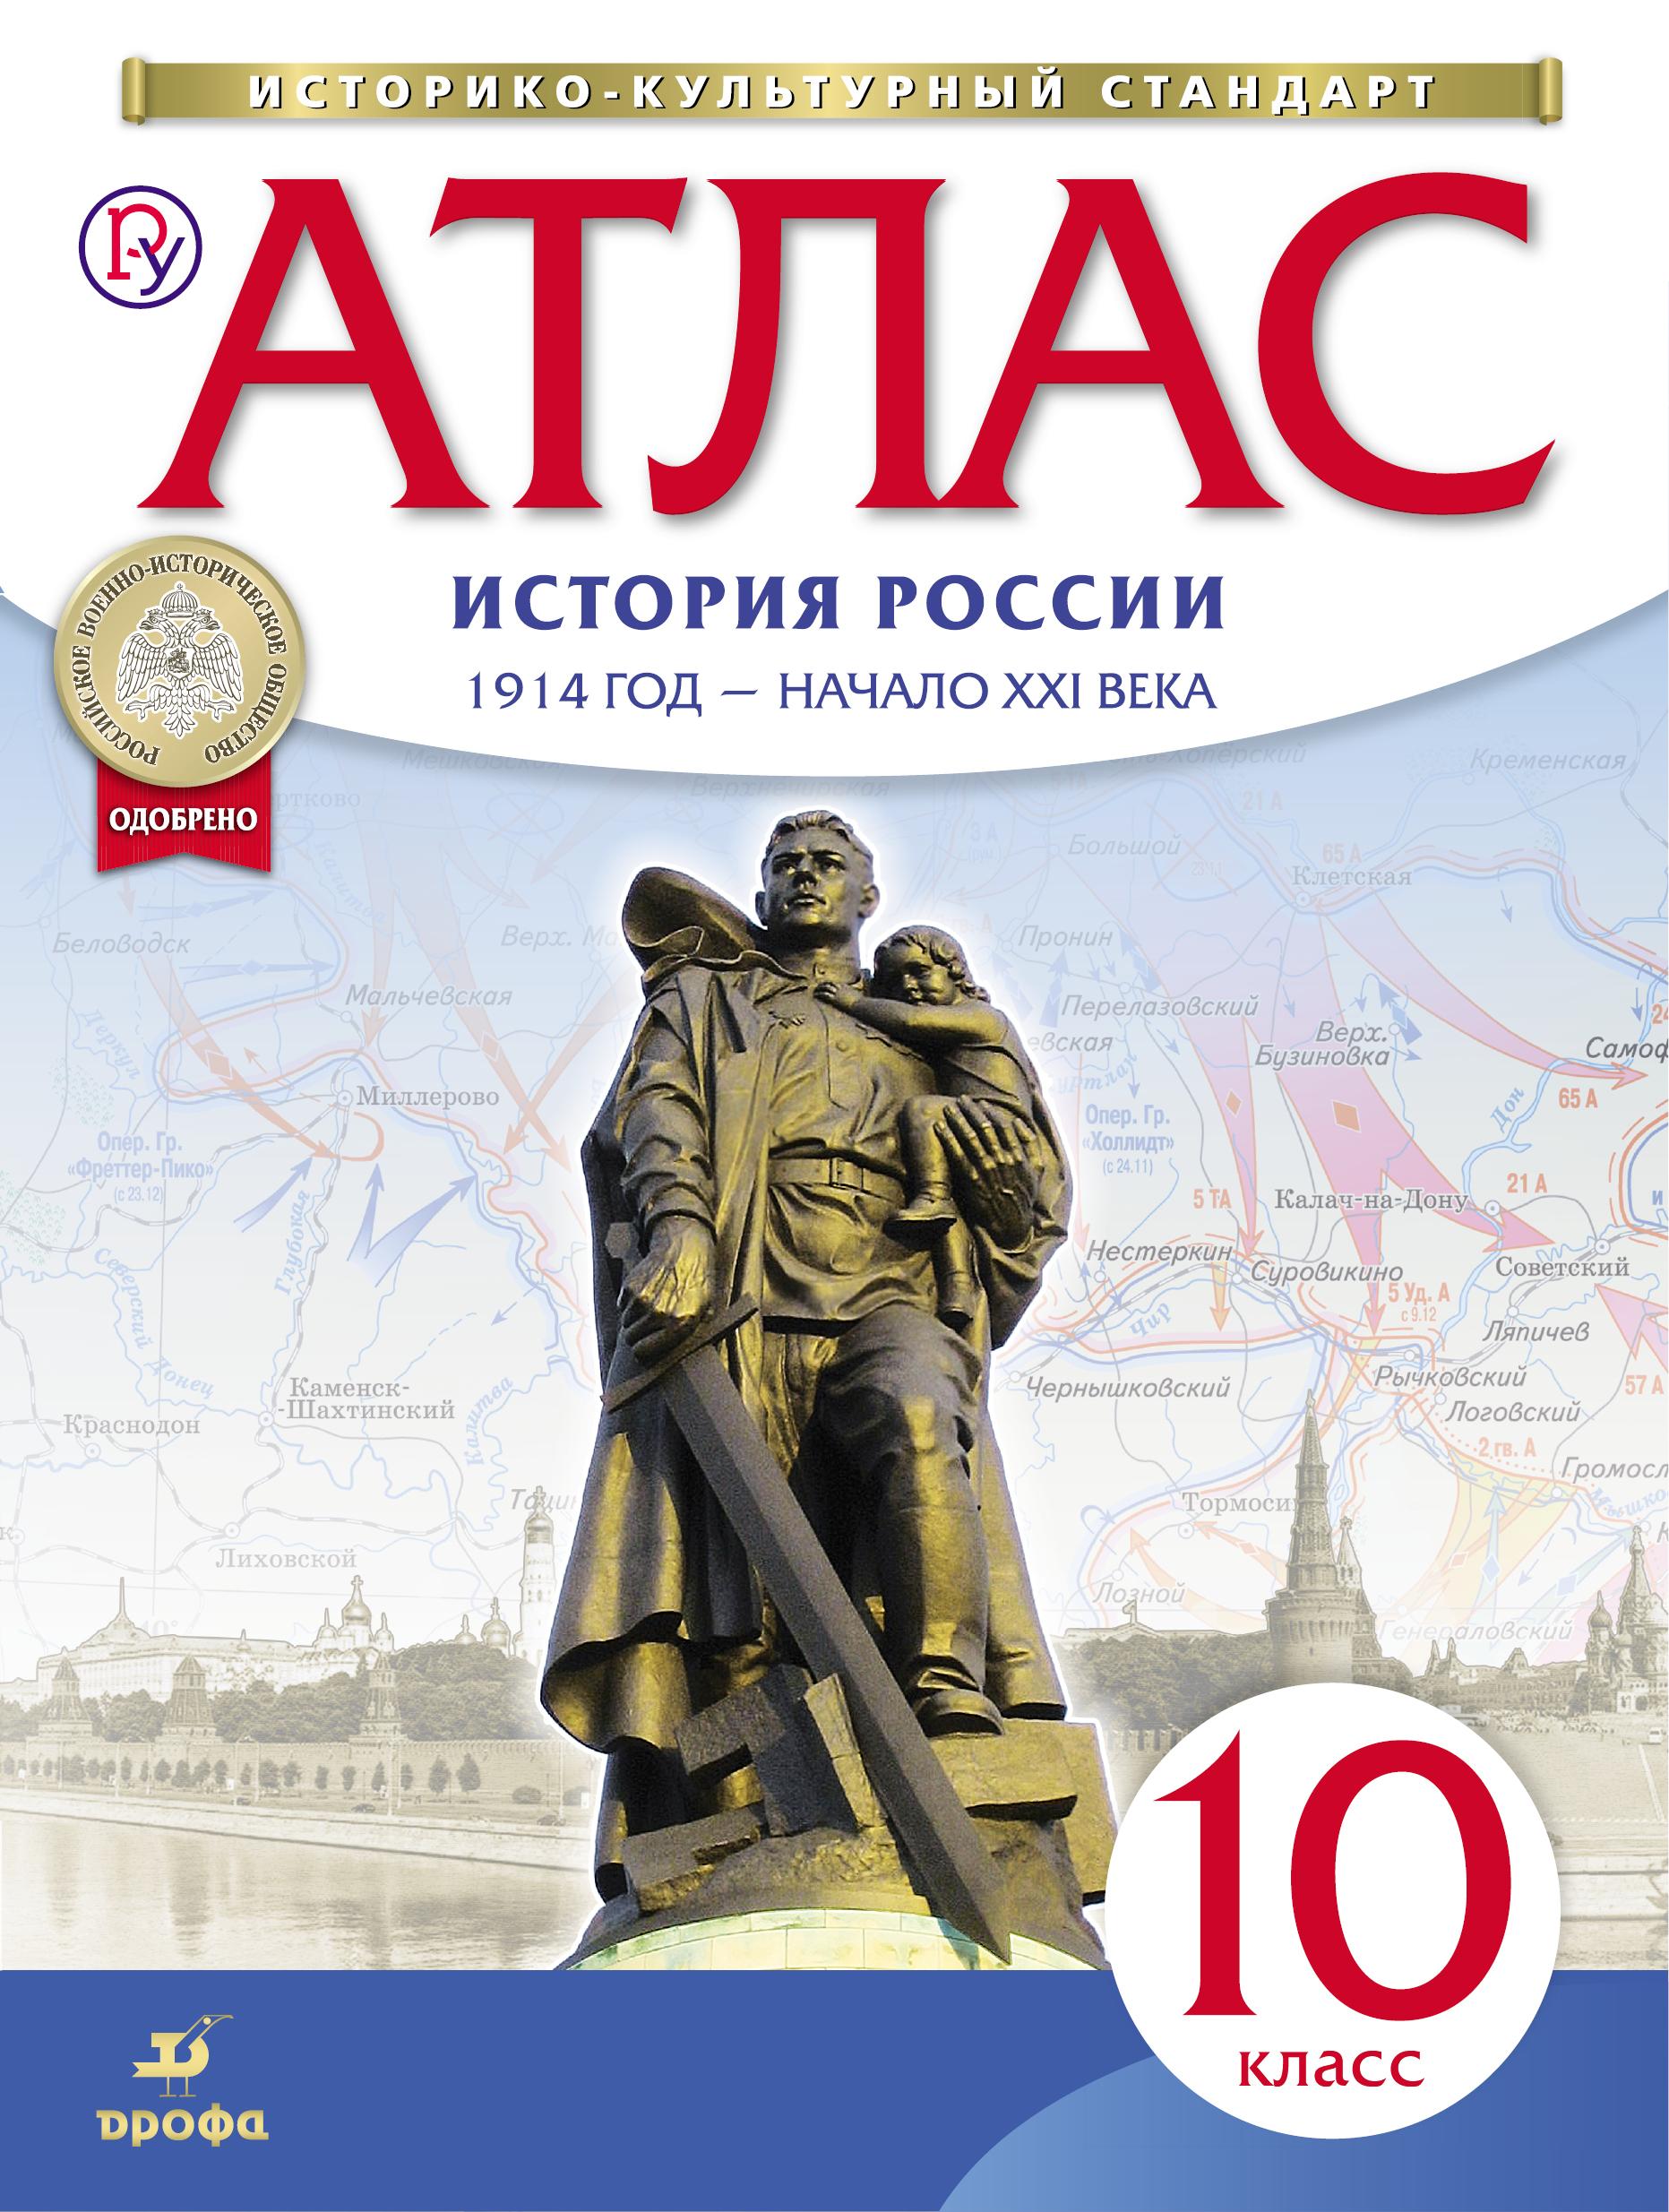 Атлас по истории России. 10 класс. 1914 год - начало XXI века цена